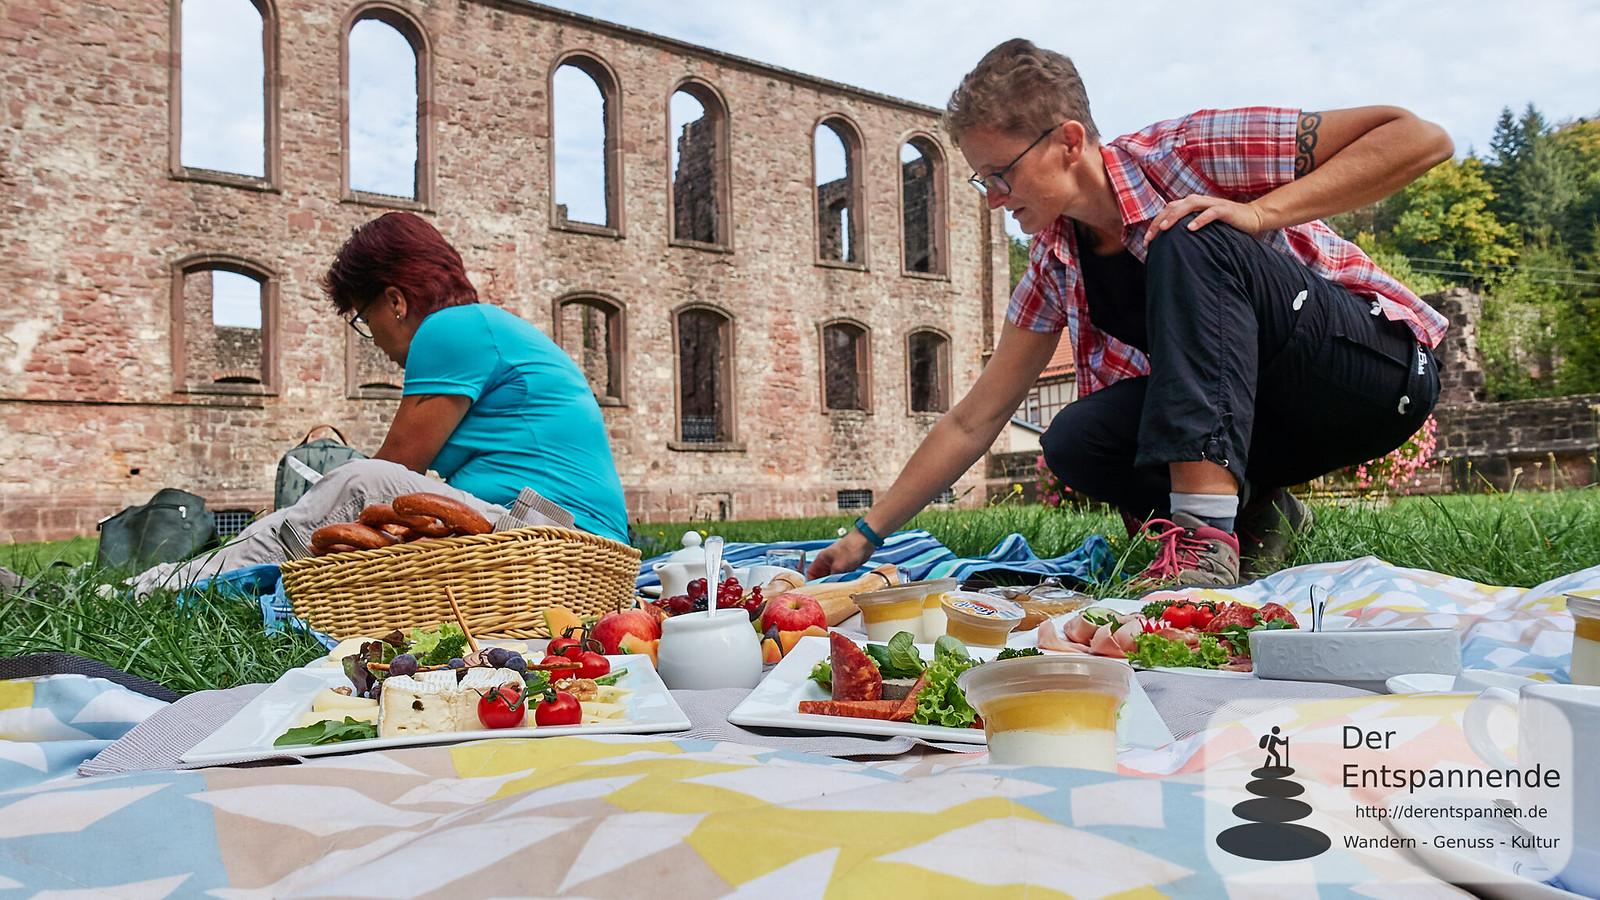 Picknick im Konvent der Klosterruine Frauenalb